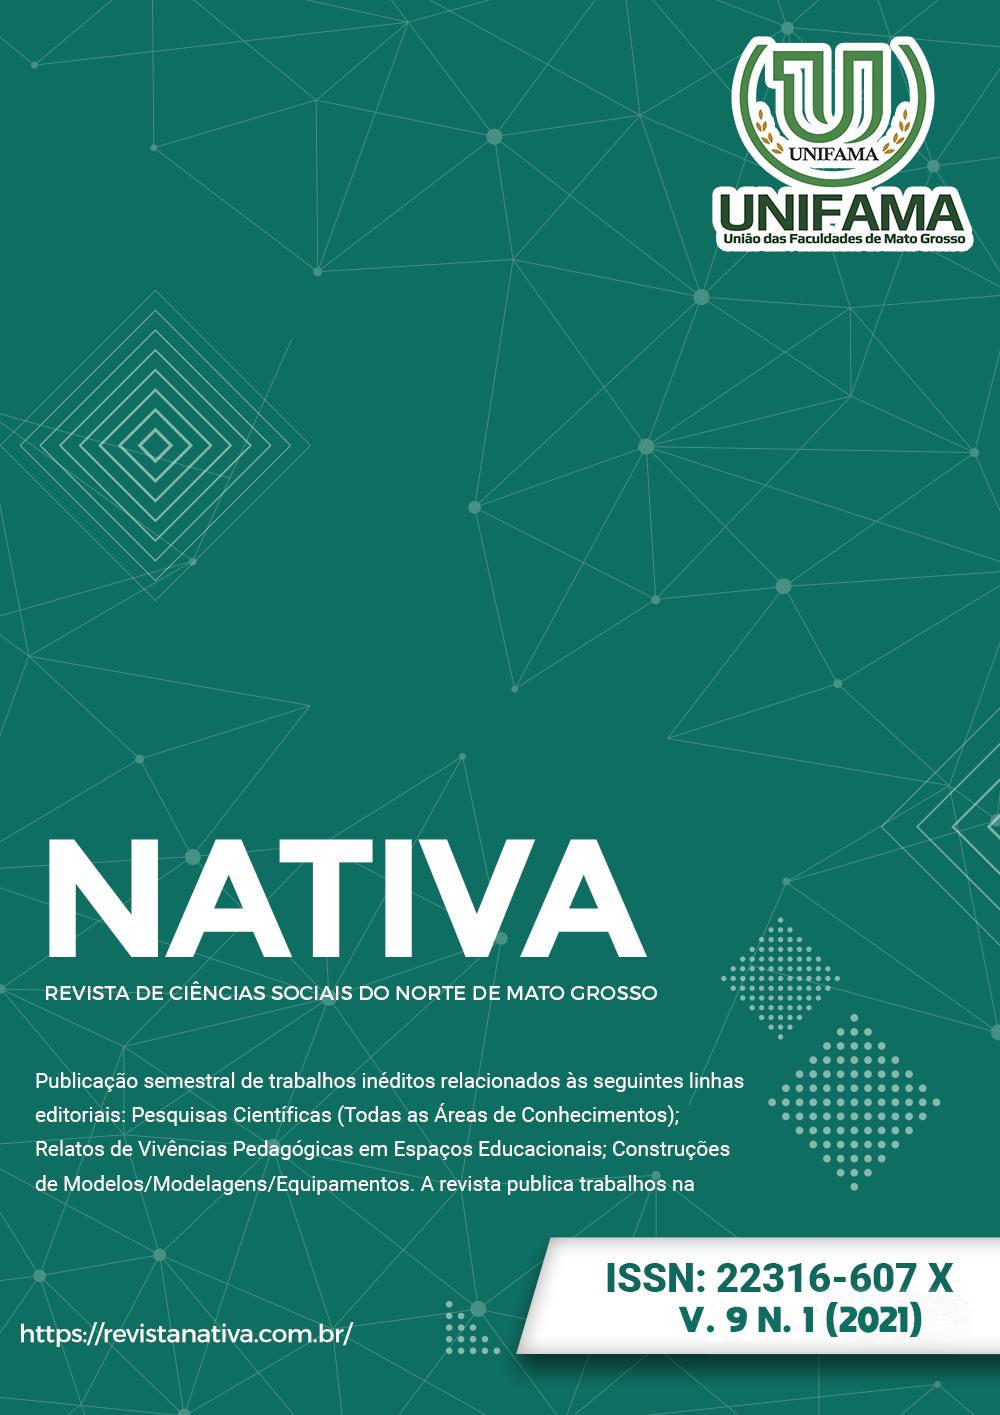 Visualizar v. 9 n. 1 (2021): Nativa – Revista de Ciências Sociais do Norte de Mato Grosso